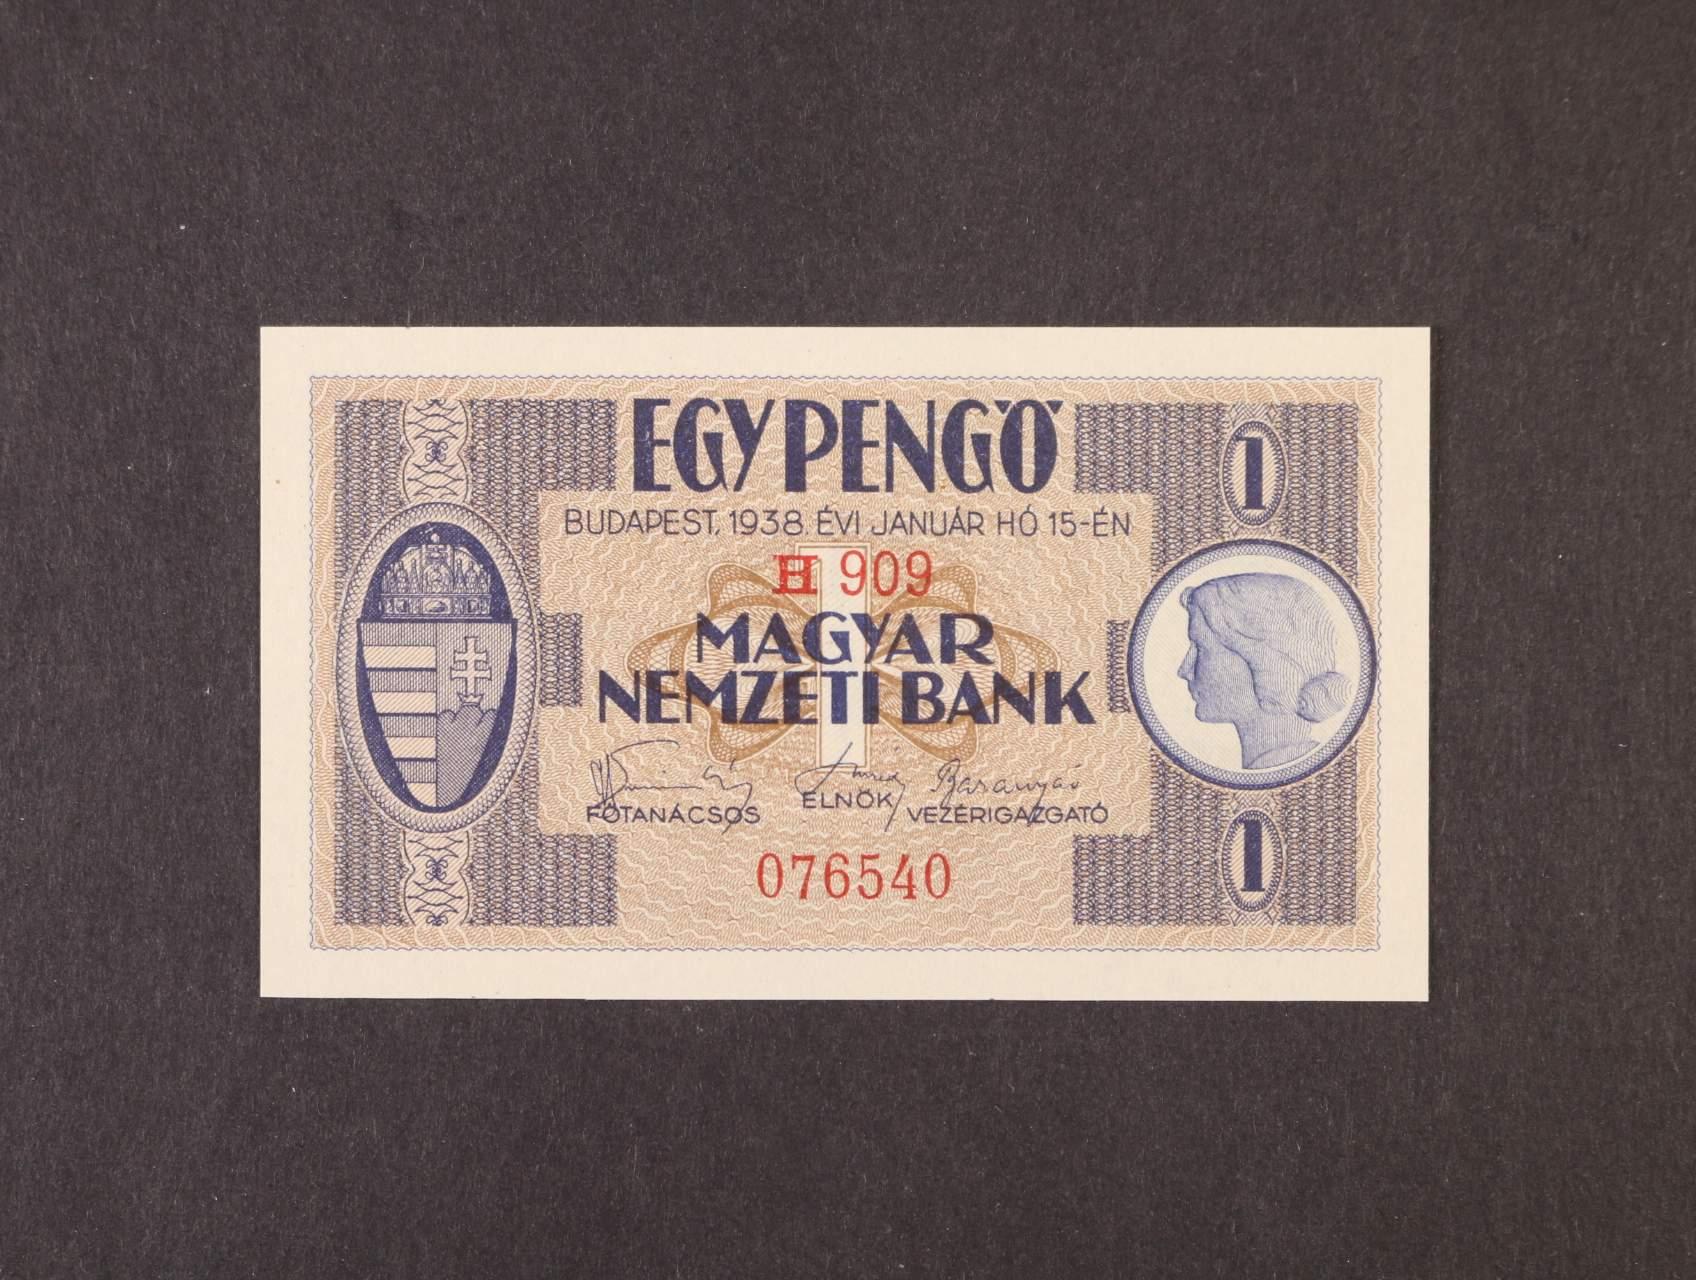 1 Pengö 15.1.1938 série H 909, platná na ČS území, Pi. 102, Ba. H1